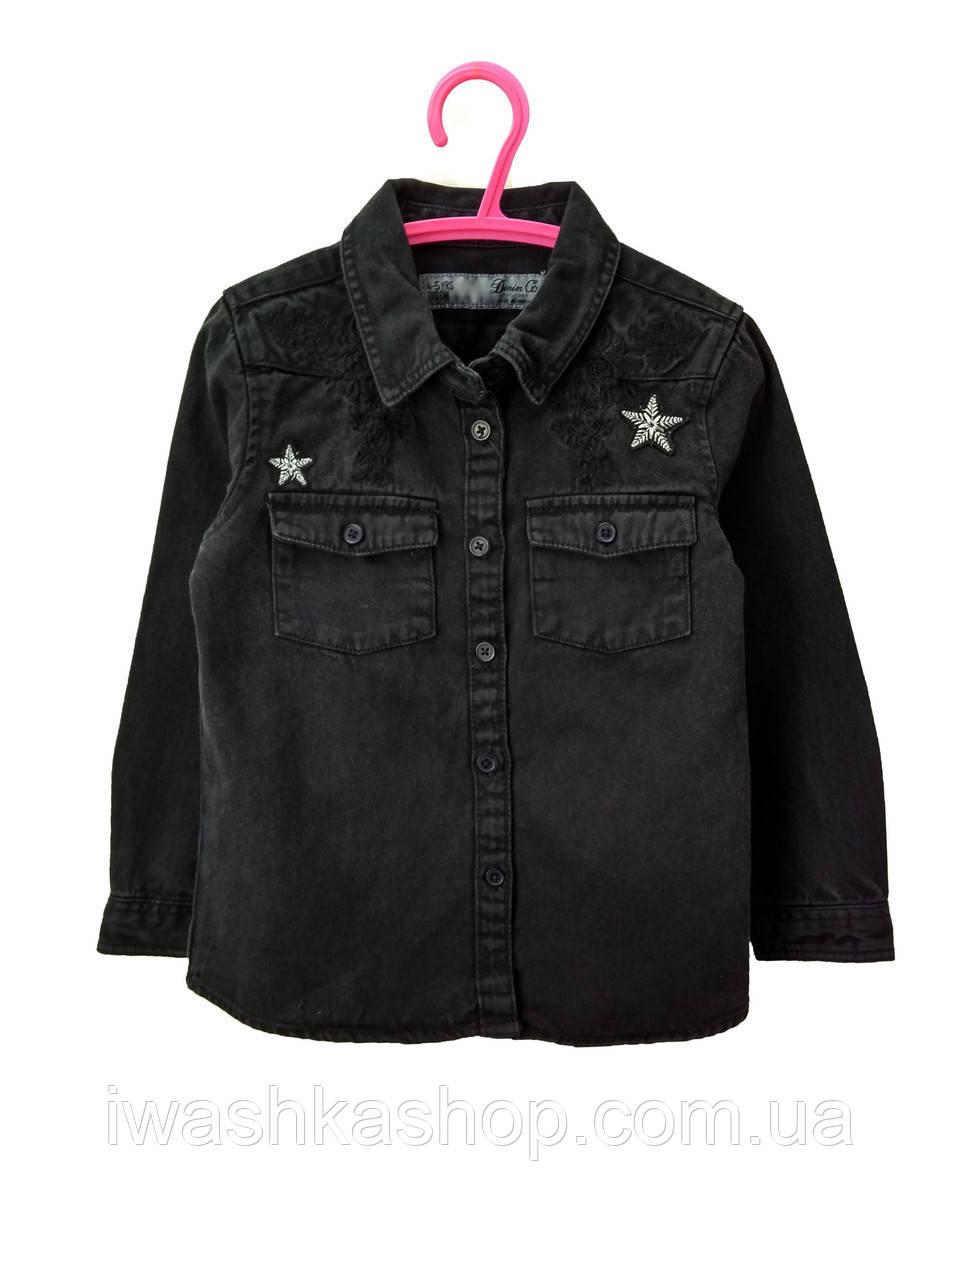 Черная джинсовая рубашка для девочки 3 - 4 лет, Primark р. 104